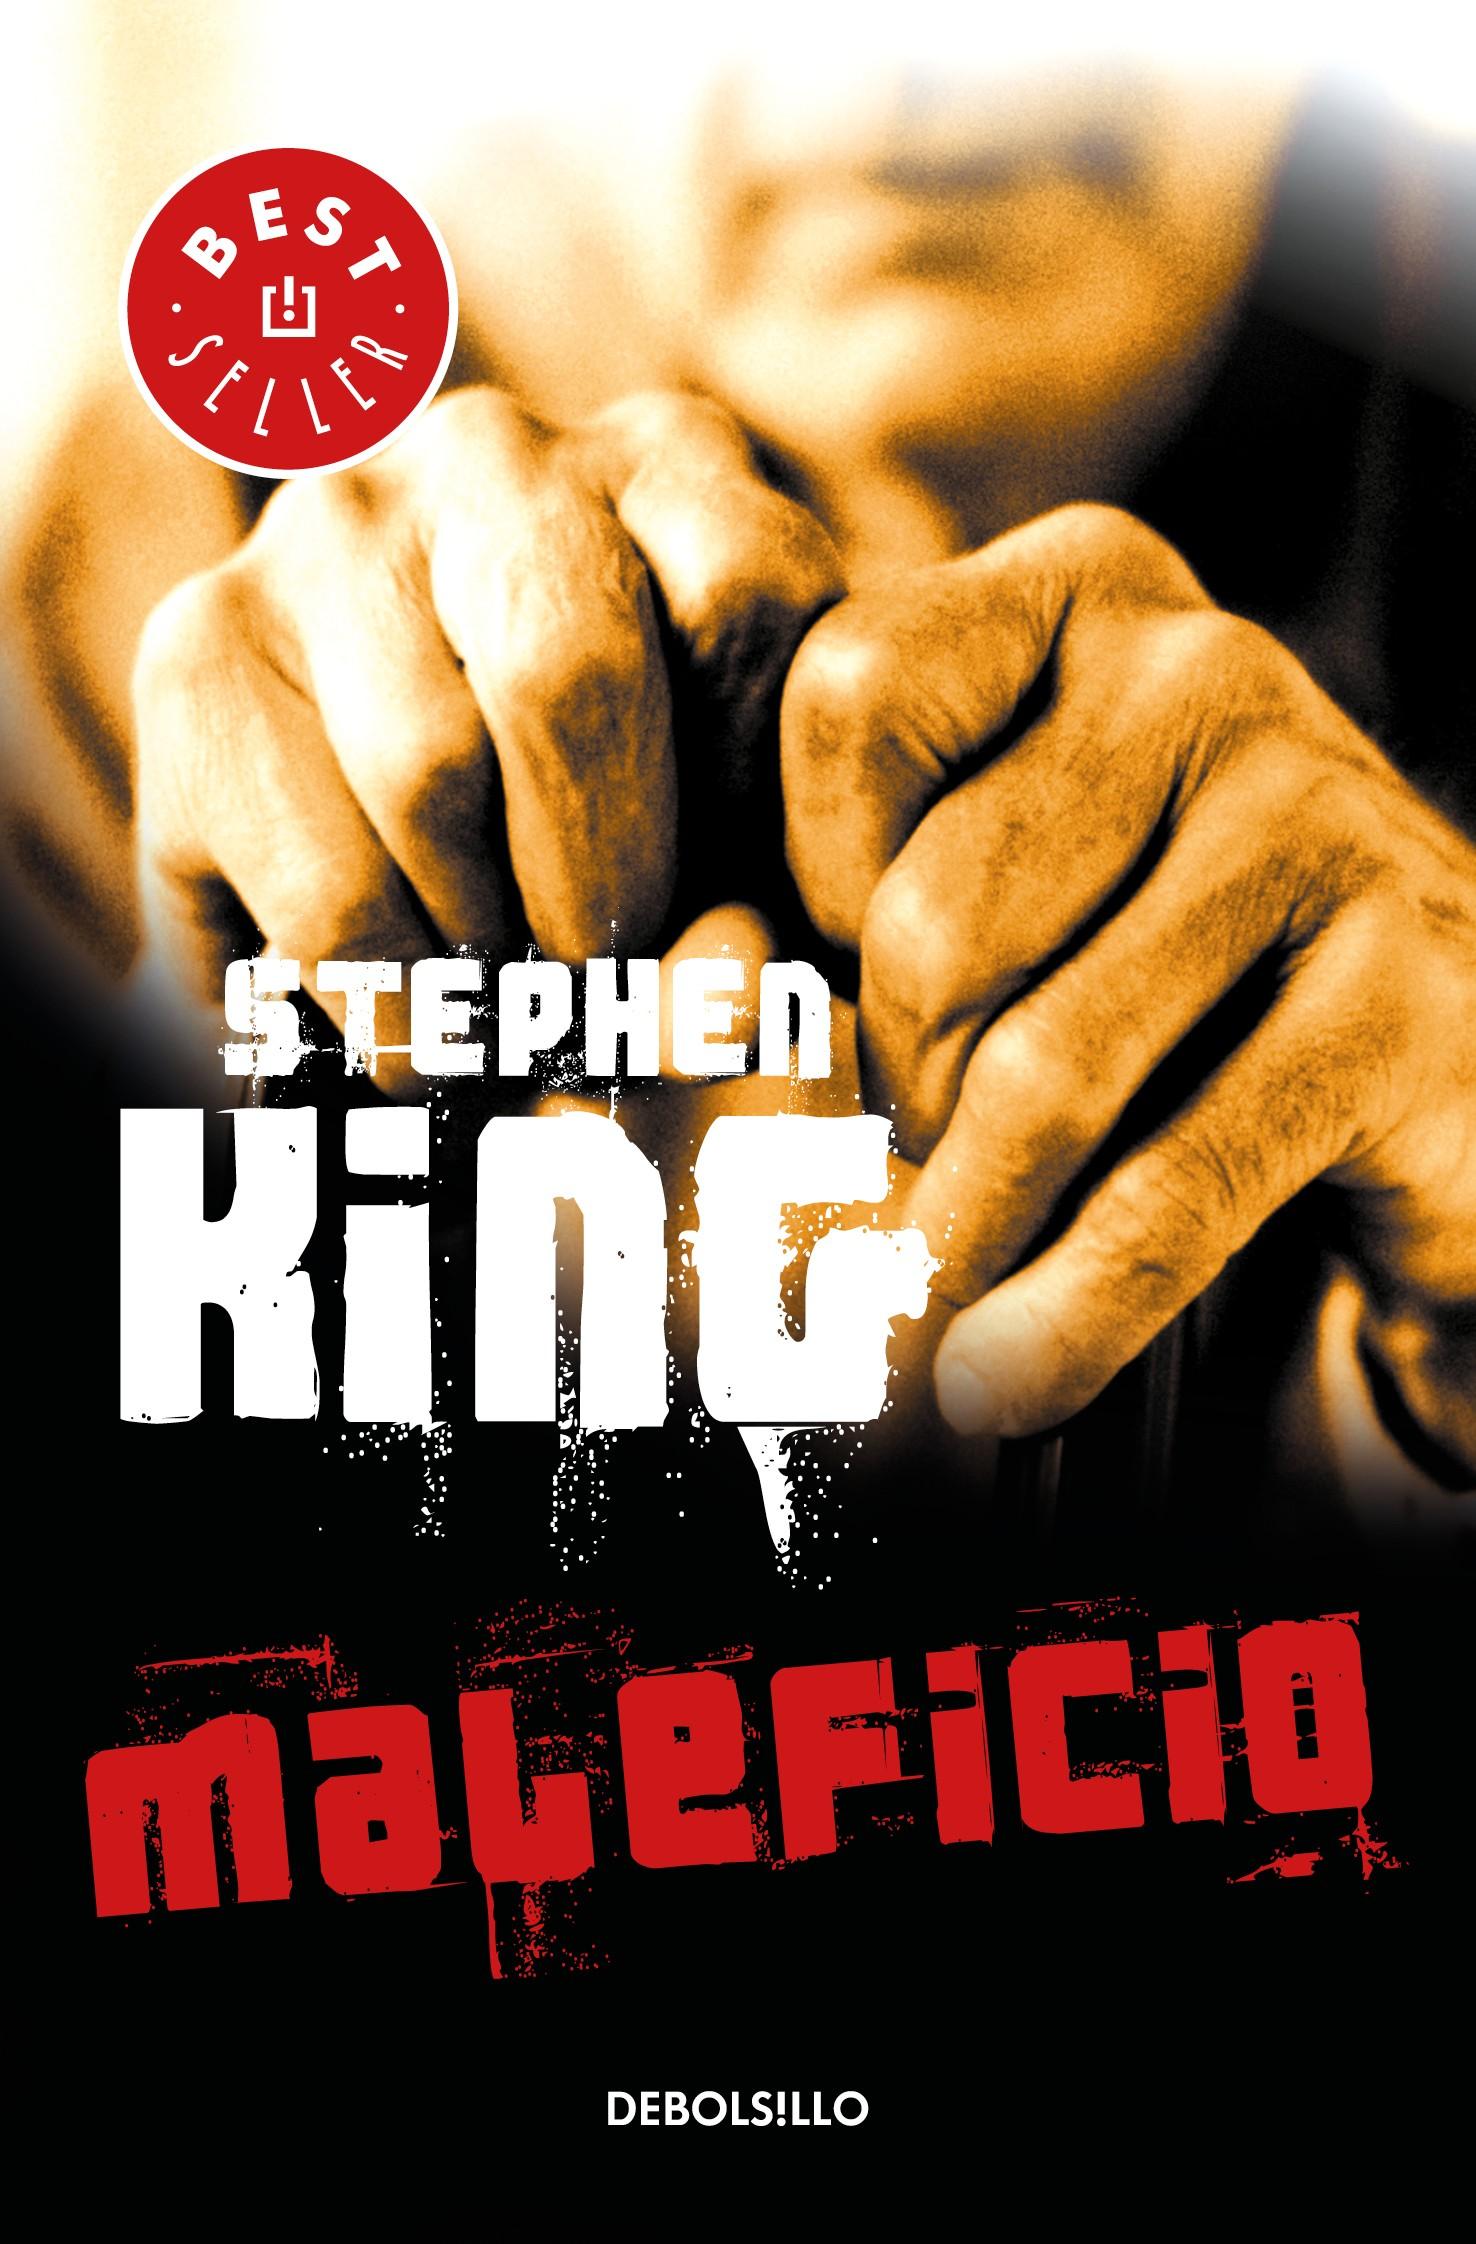 Maleficio - STEPHEN KING - Debolsillo